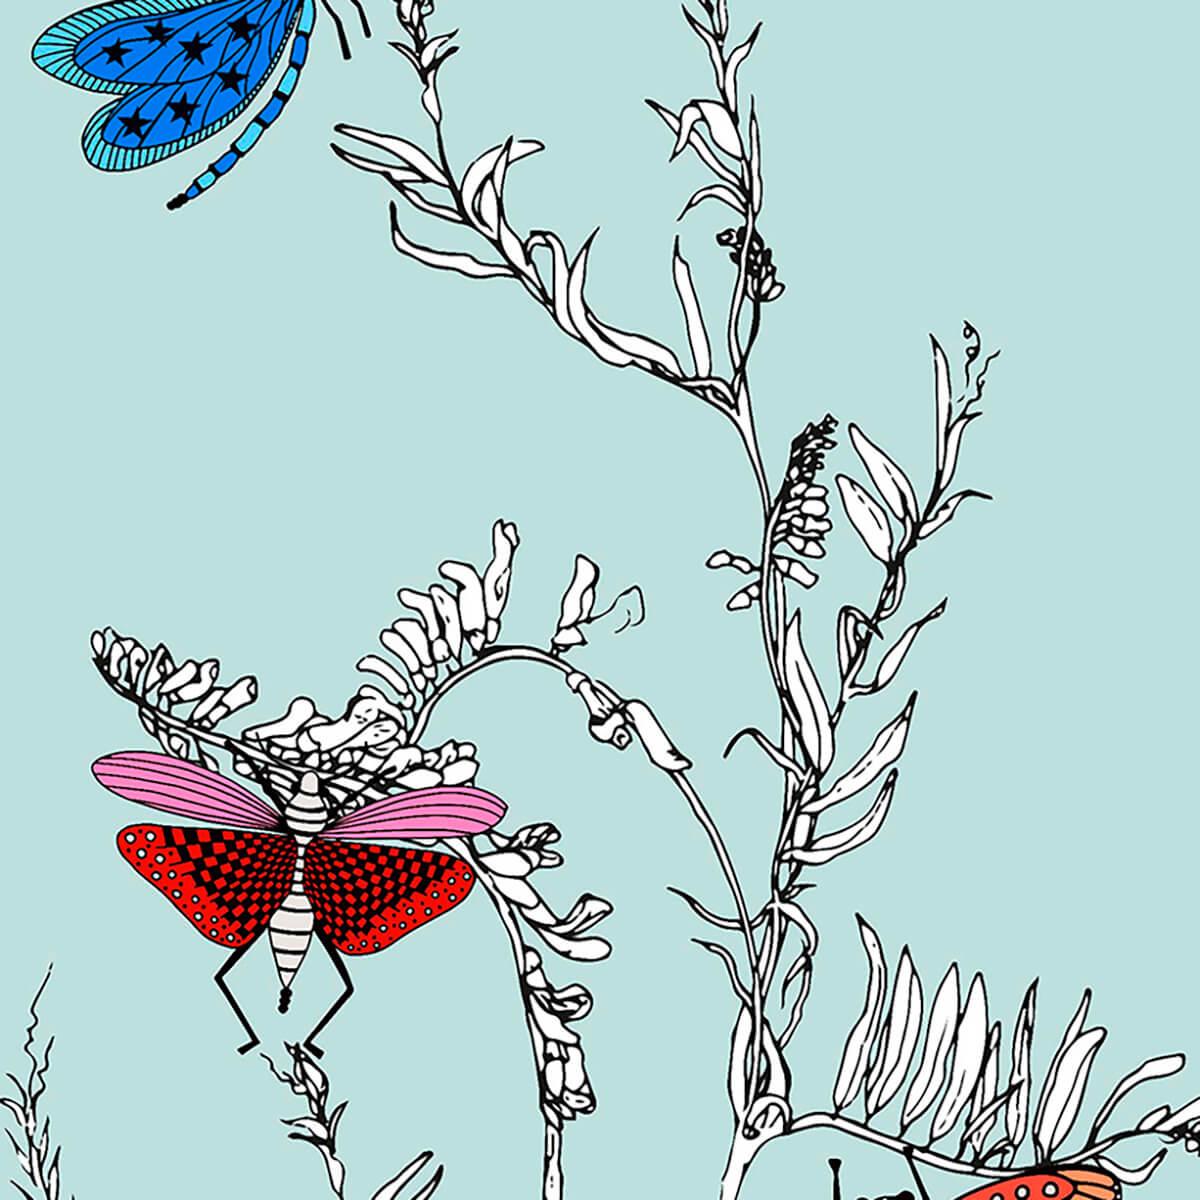 Papel de parede insetos e folhas   Ana Strumpf